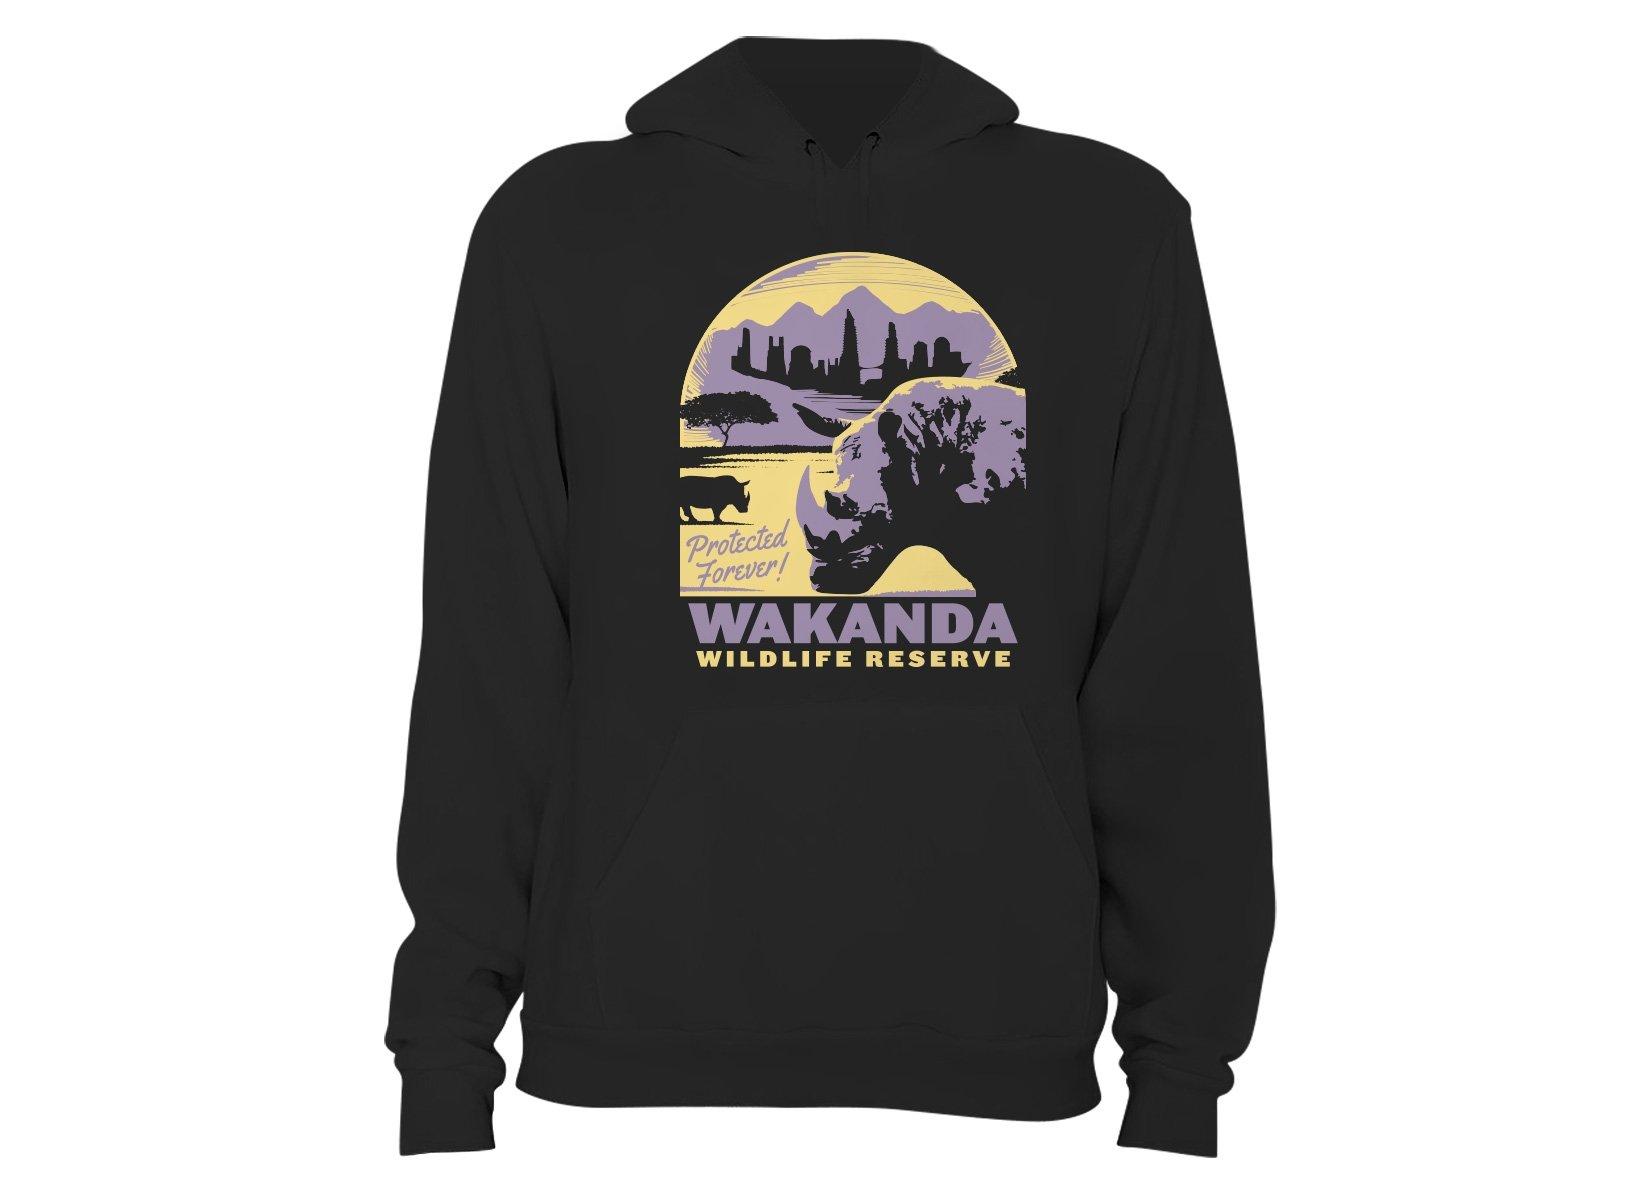 Wakanda Wildlife Reserve on Hoodie